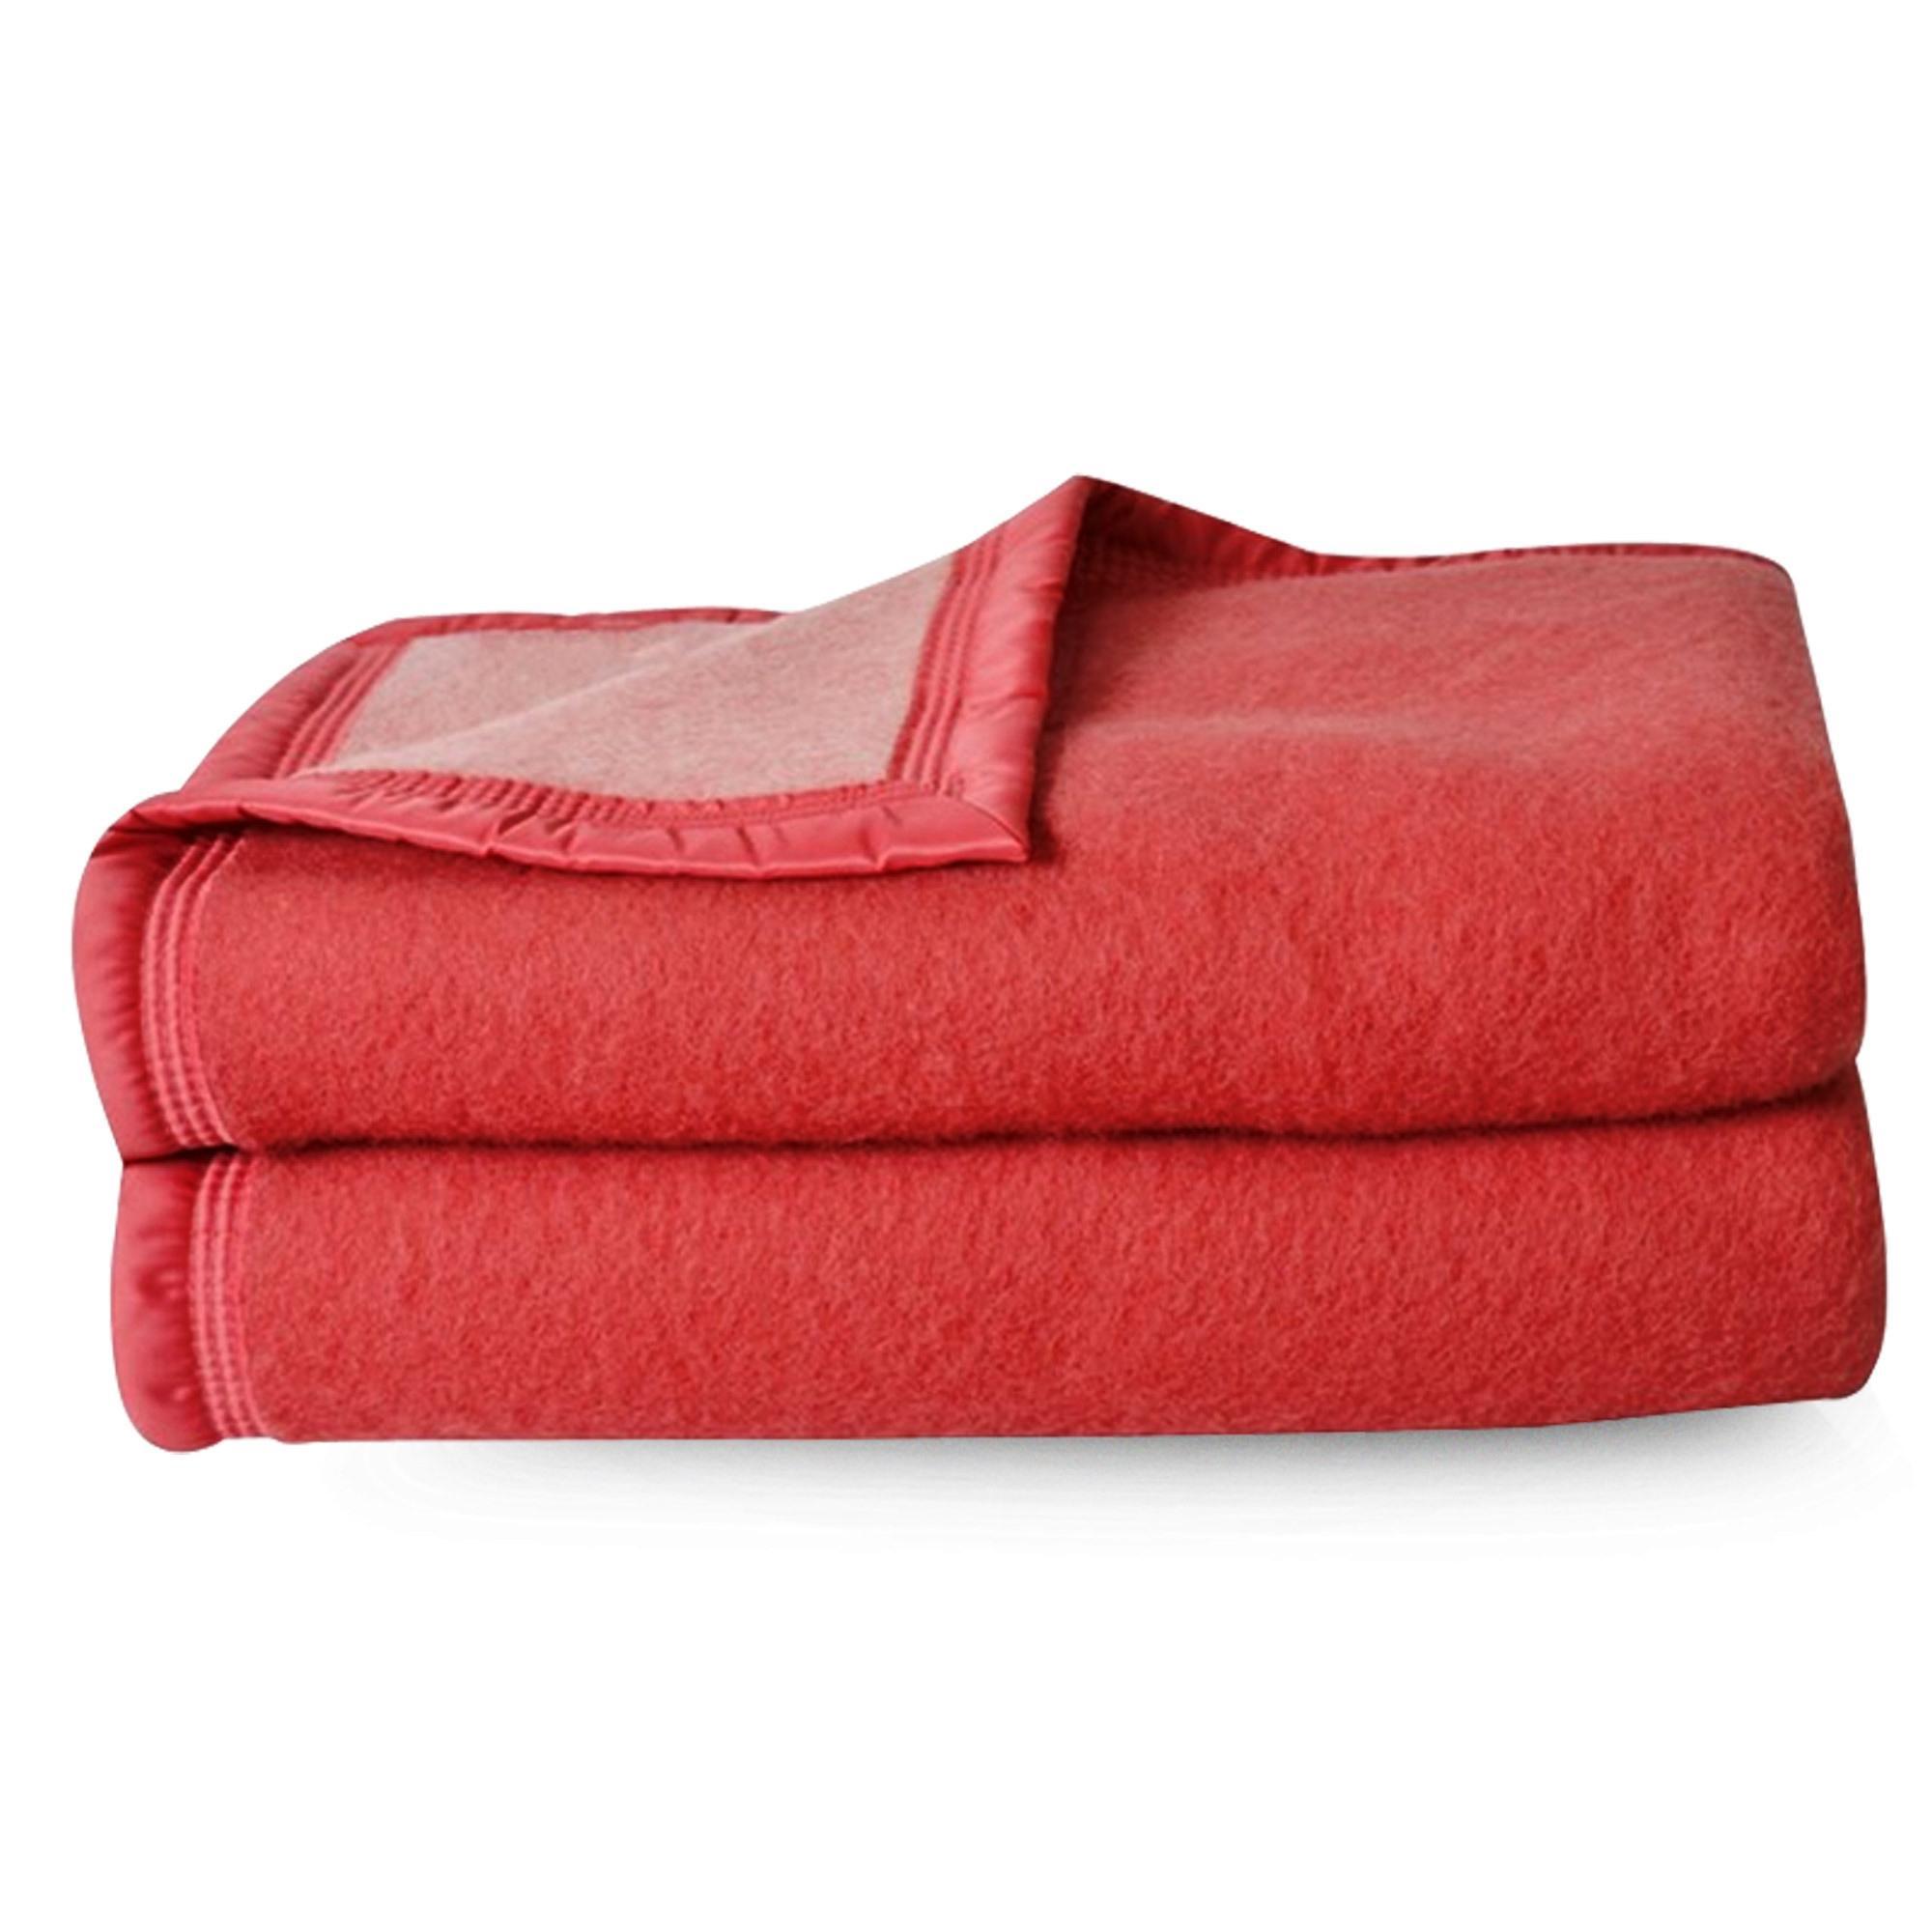 couverture pure laine vierge woolmark 500g m volta 220x240 cm rouge bois de rose linnea. Black Bedroom Furniture Sets. Home Design Ideas